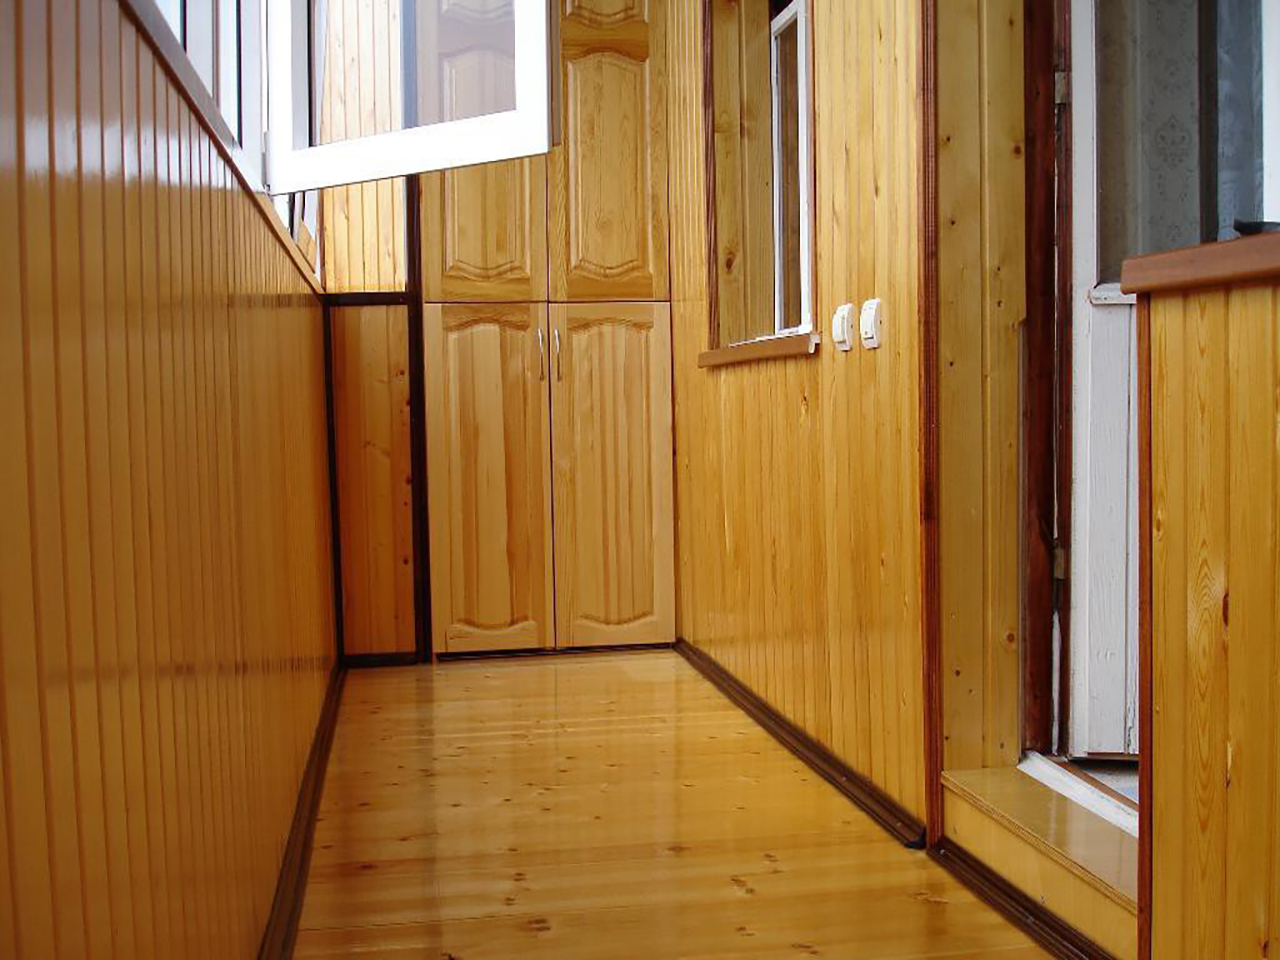 Шкаф на балкон своими руками из вагонки: как сделать?.